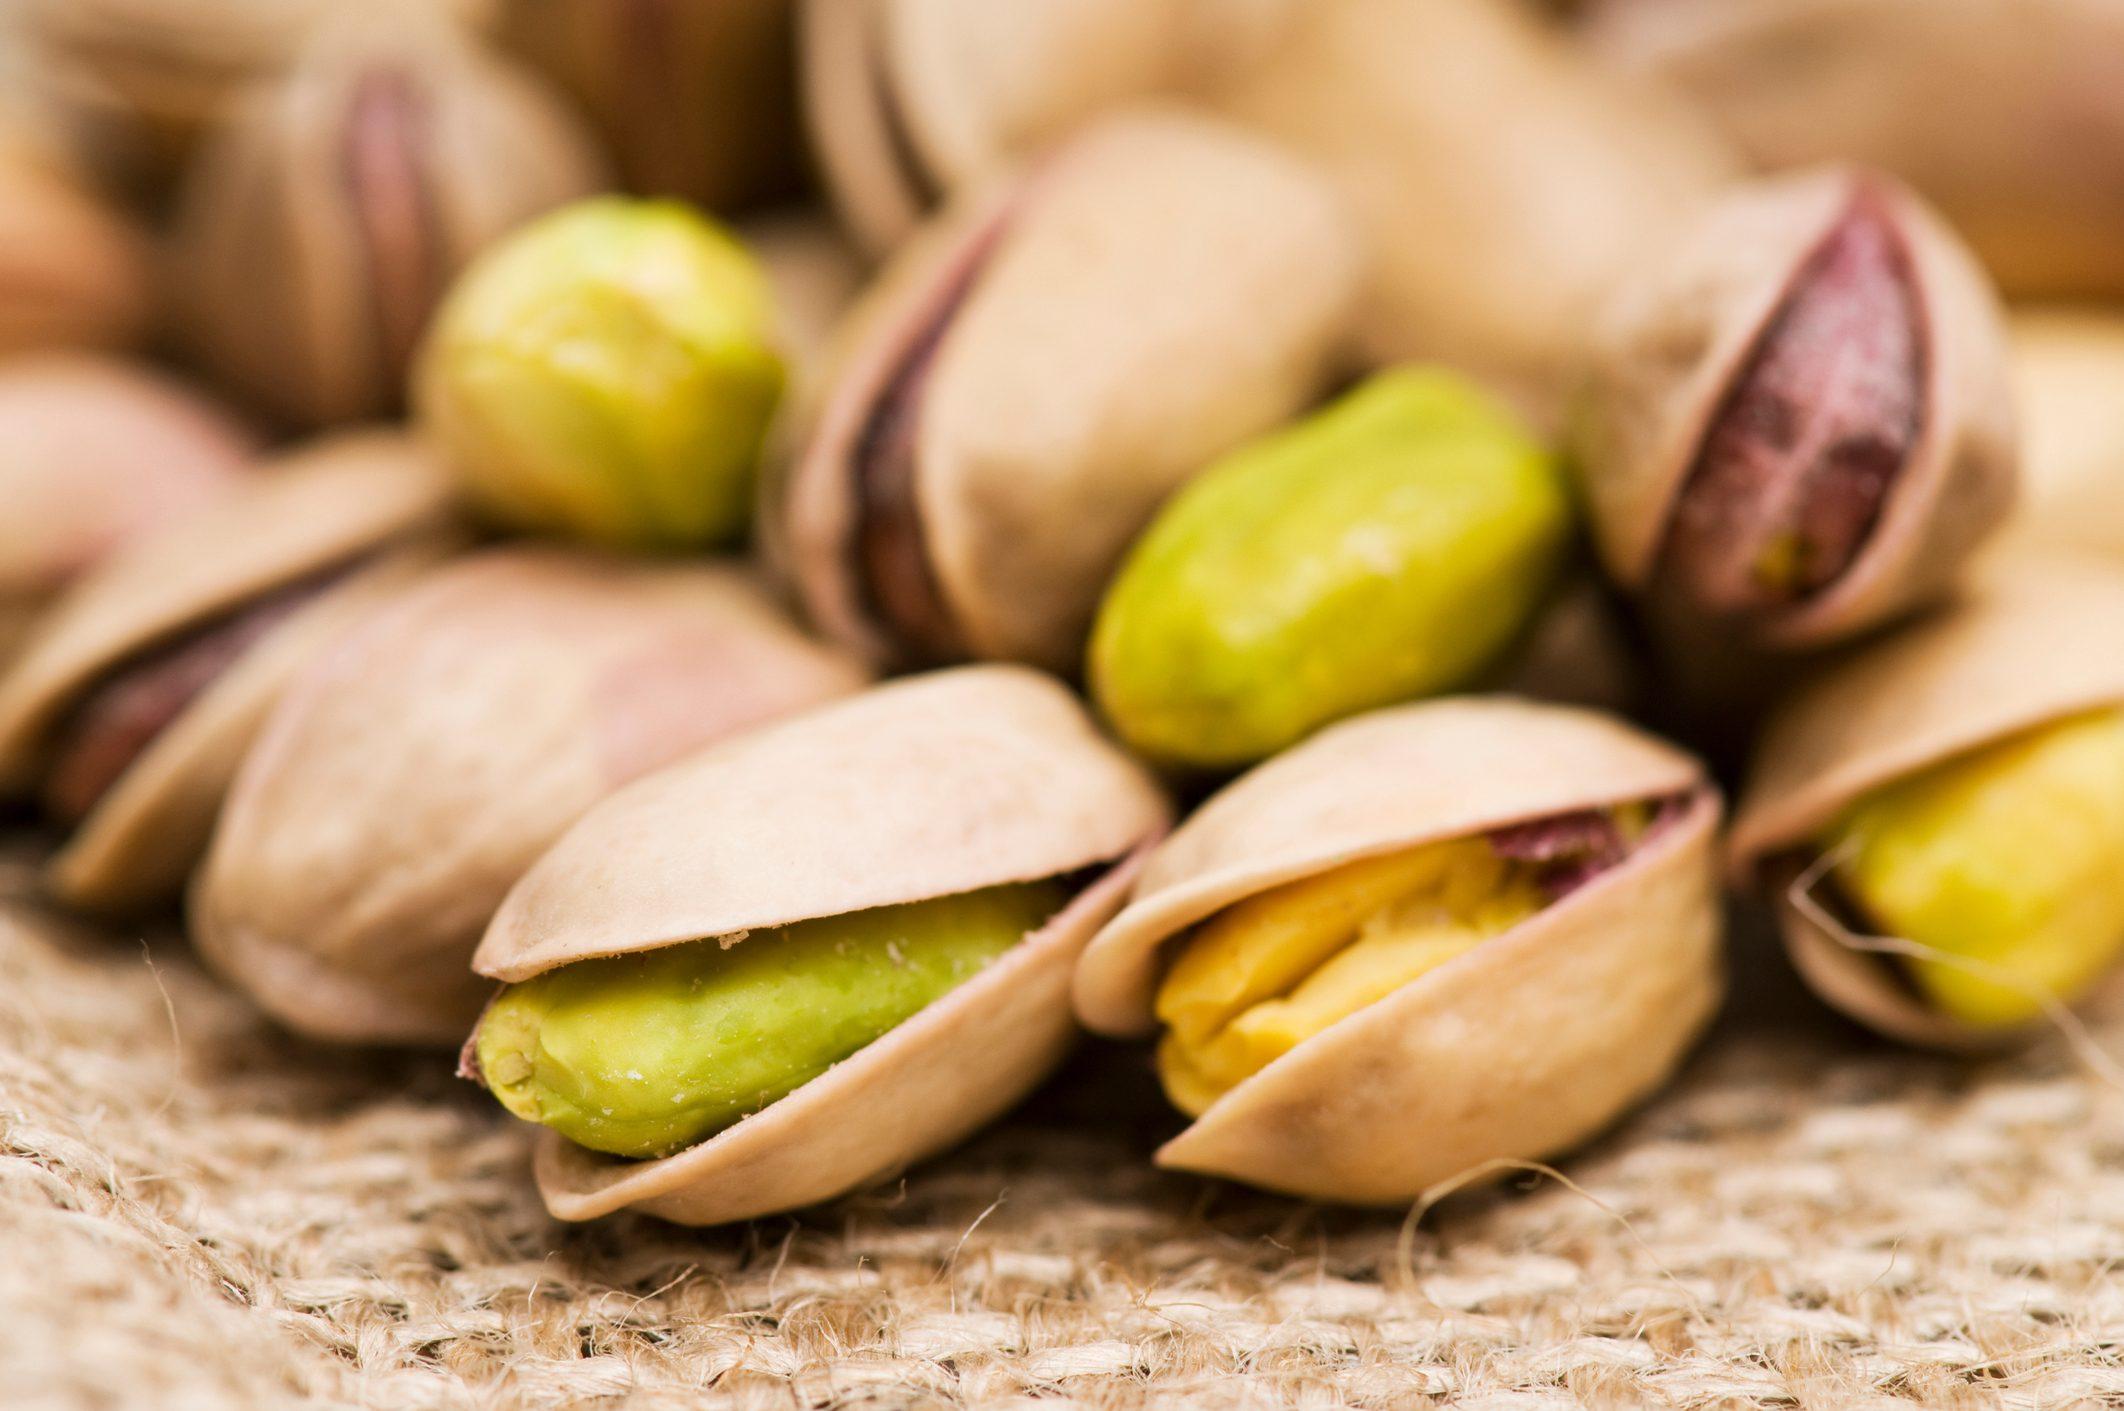 Adotta un albero di pistacchi e in cambio riceverai pasticcini e panettoni